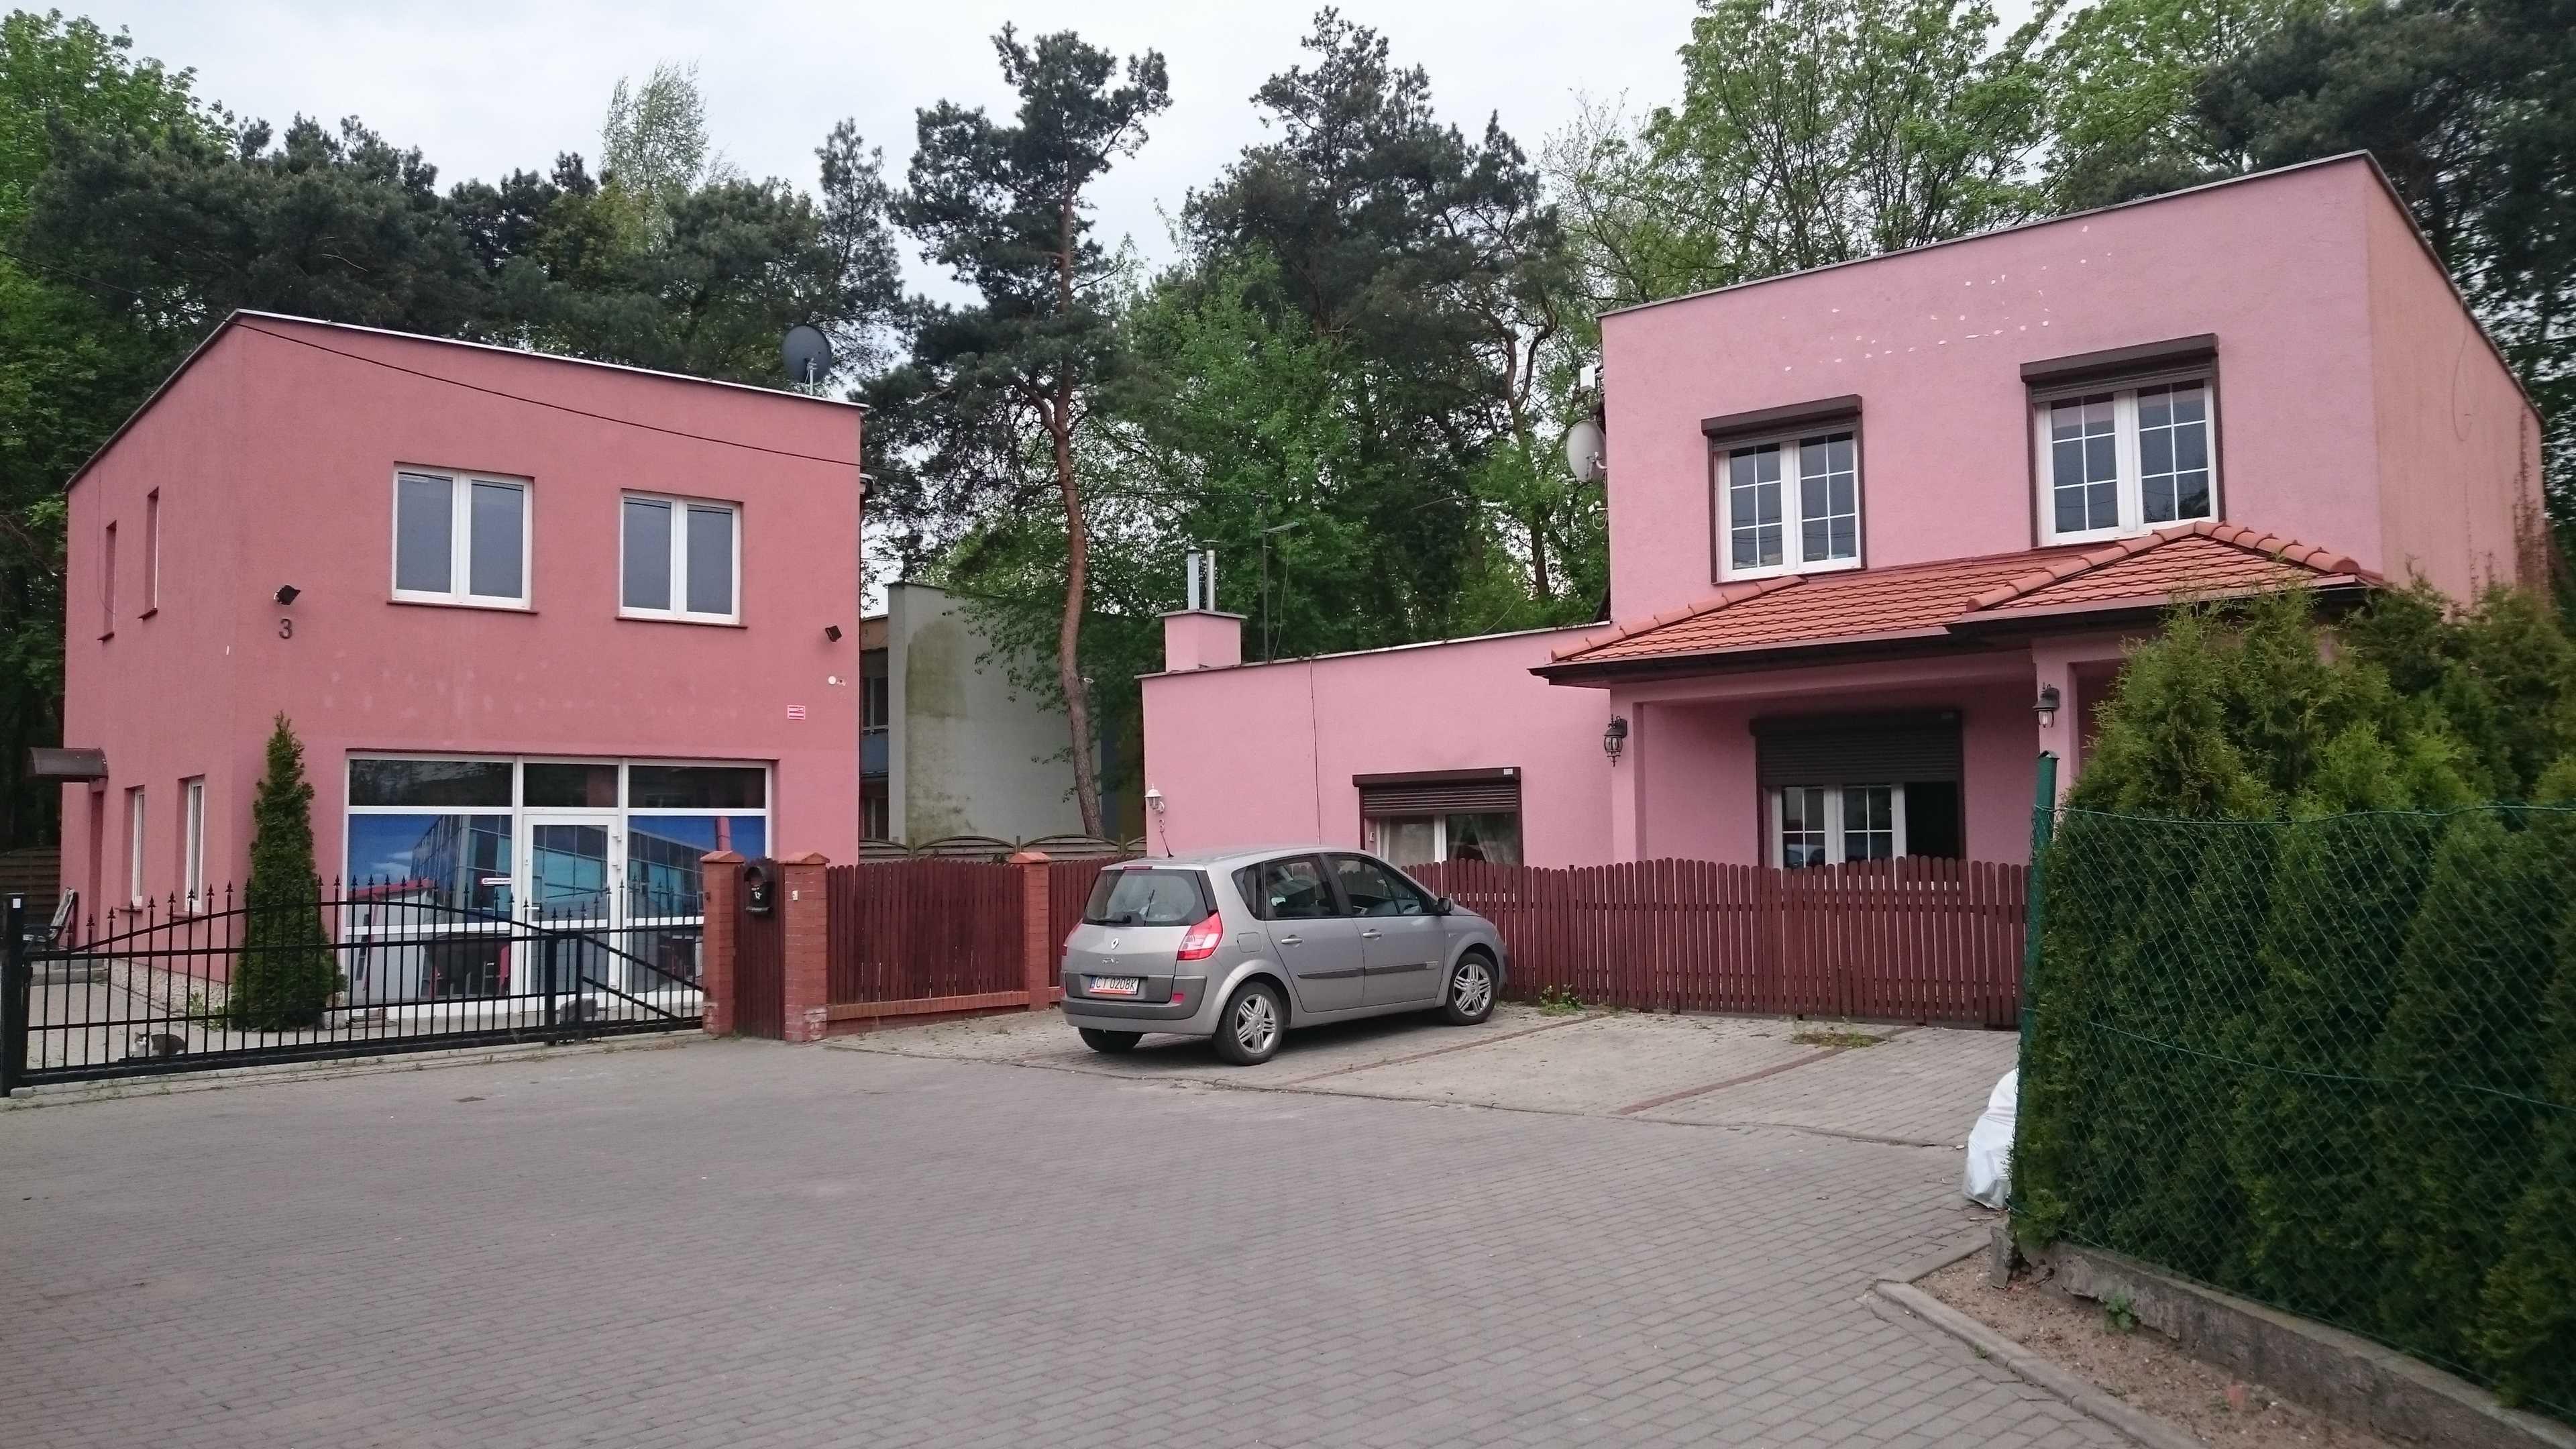 Zamienię nieruchomość na mieszkanie lub mały dom / sprzedam